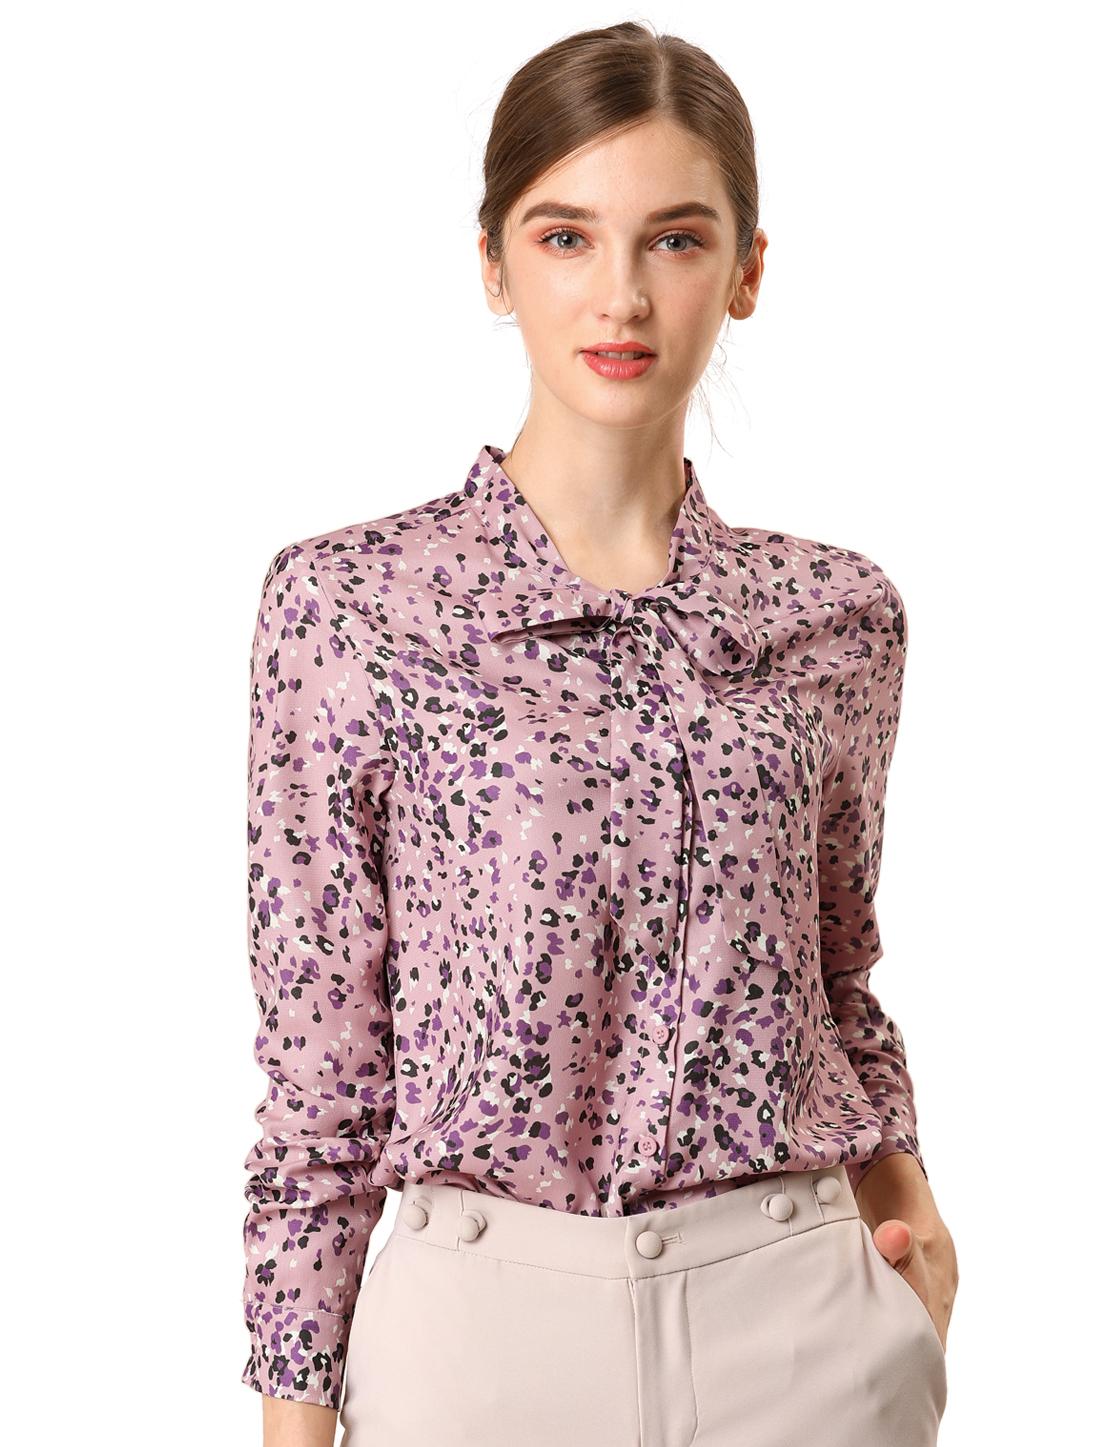 Allegra K Women's Elegant Work Floral Bow Tie Neck Button Blouse Shirt Pink XS